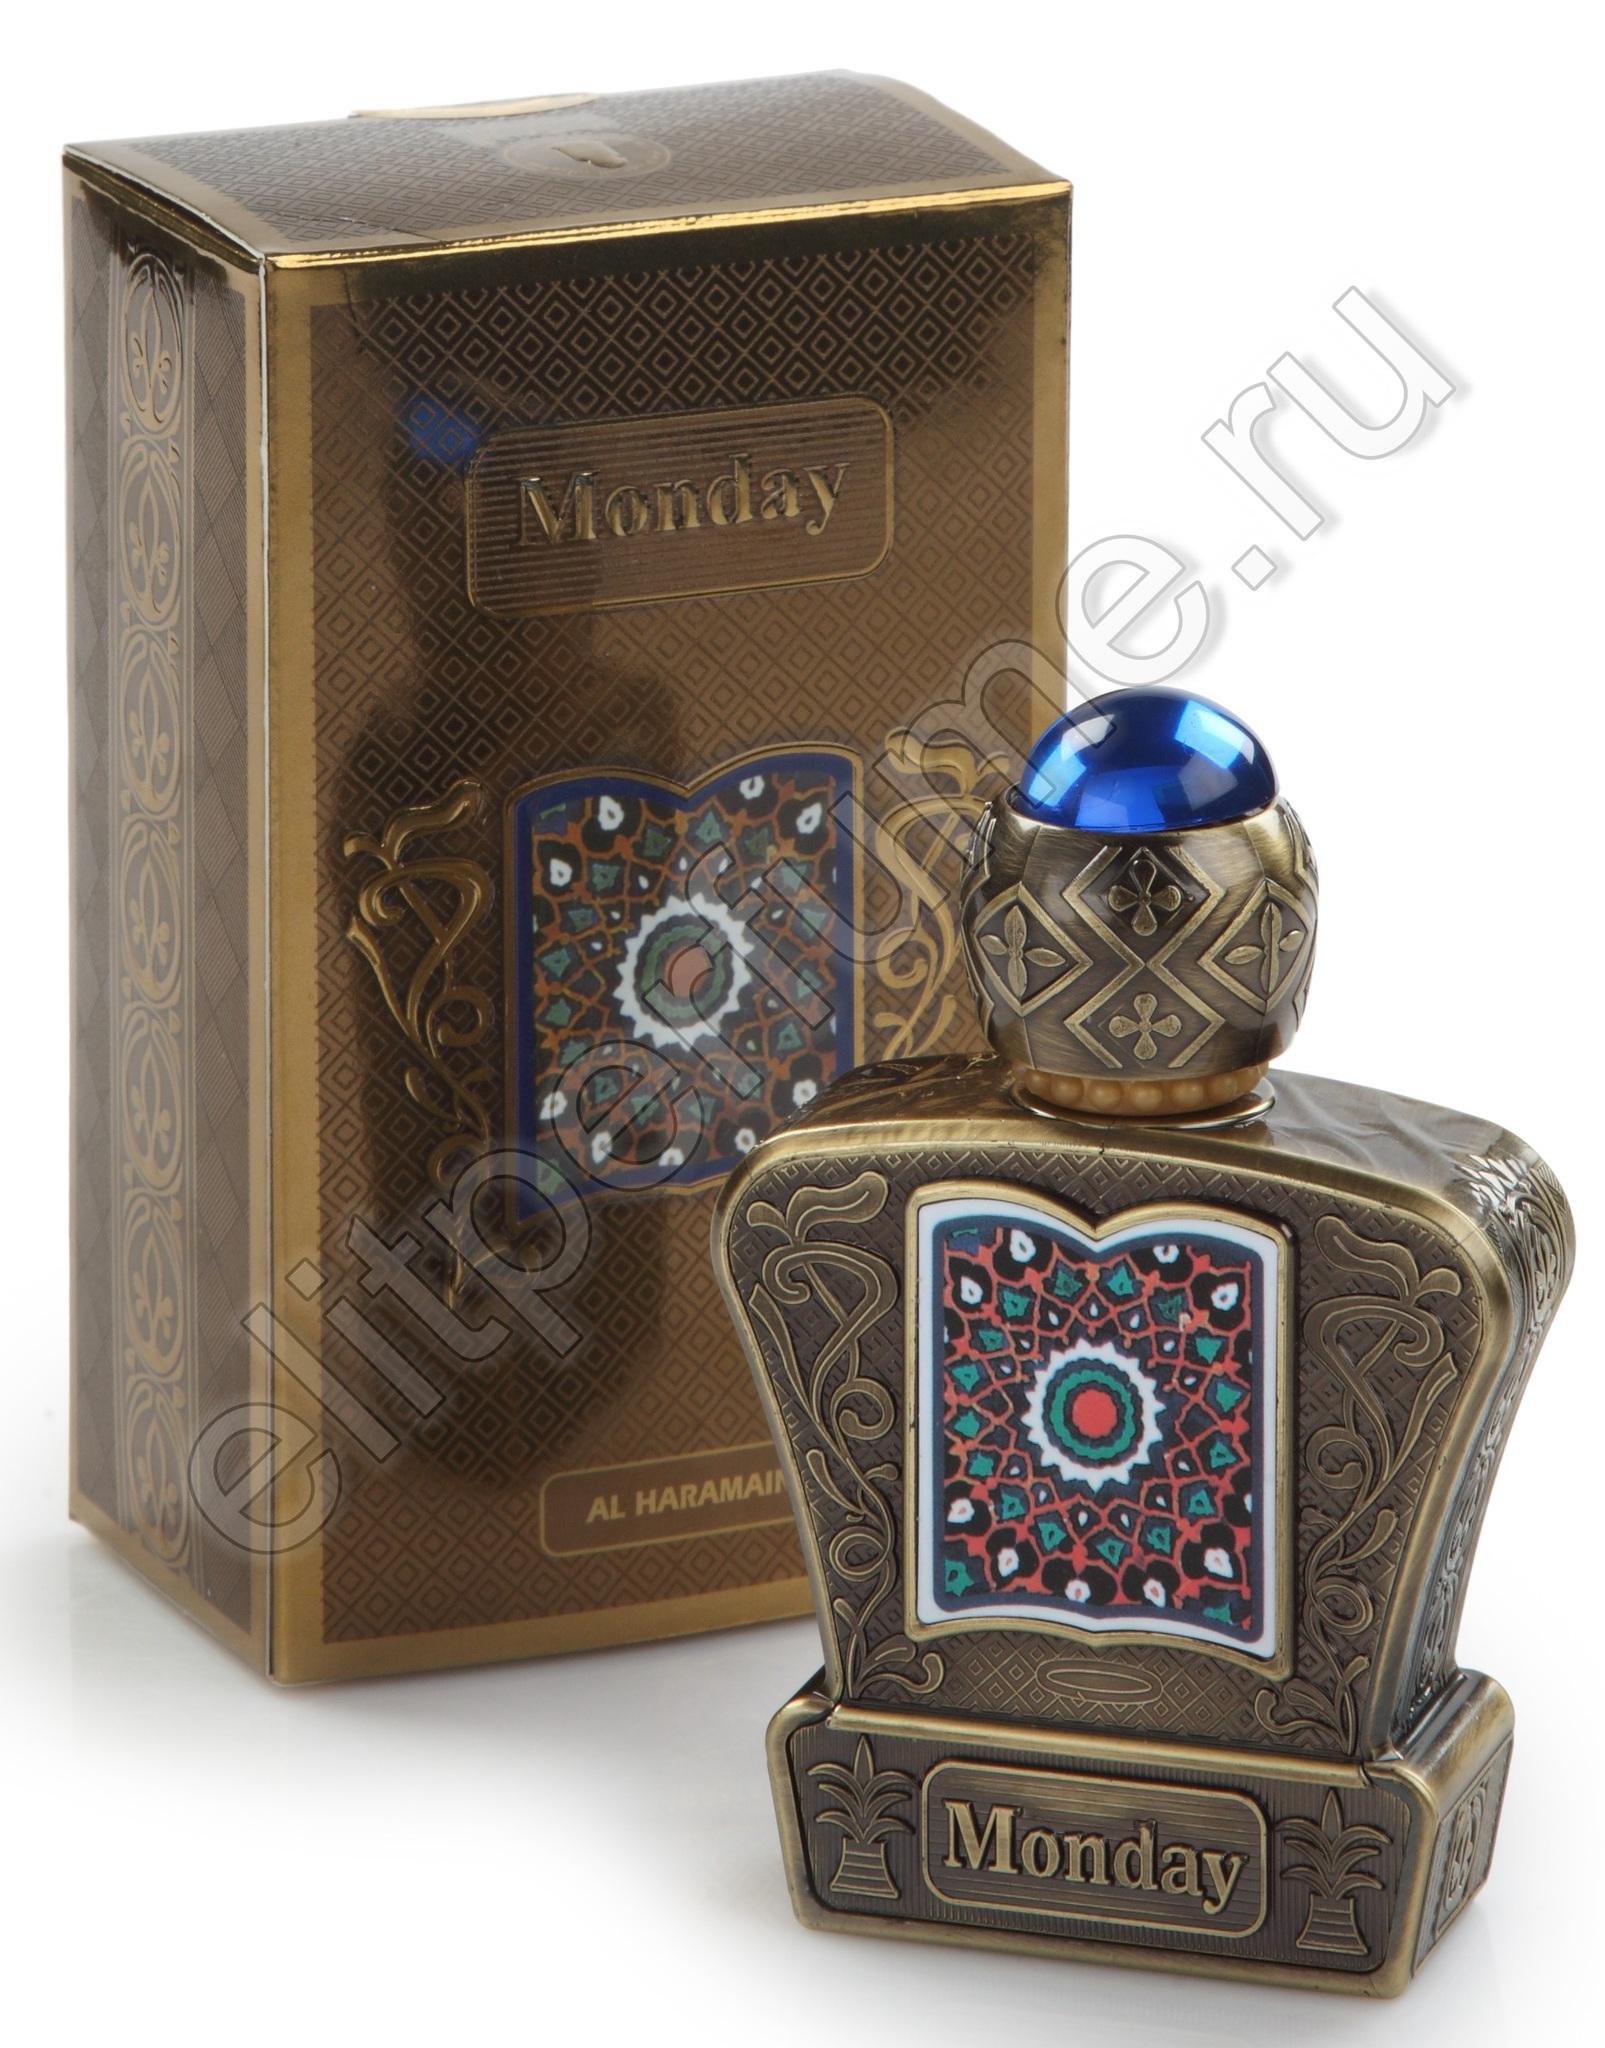 Пробники для духов Понедельник Monday 1 мл арабские масляные духи от Аль Харамайн Al Haramin Perfumes